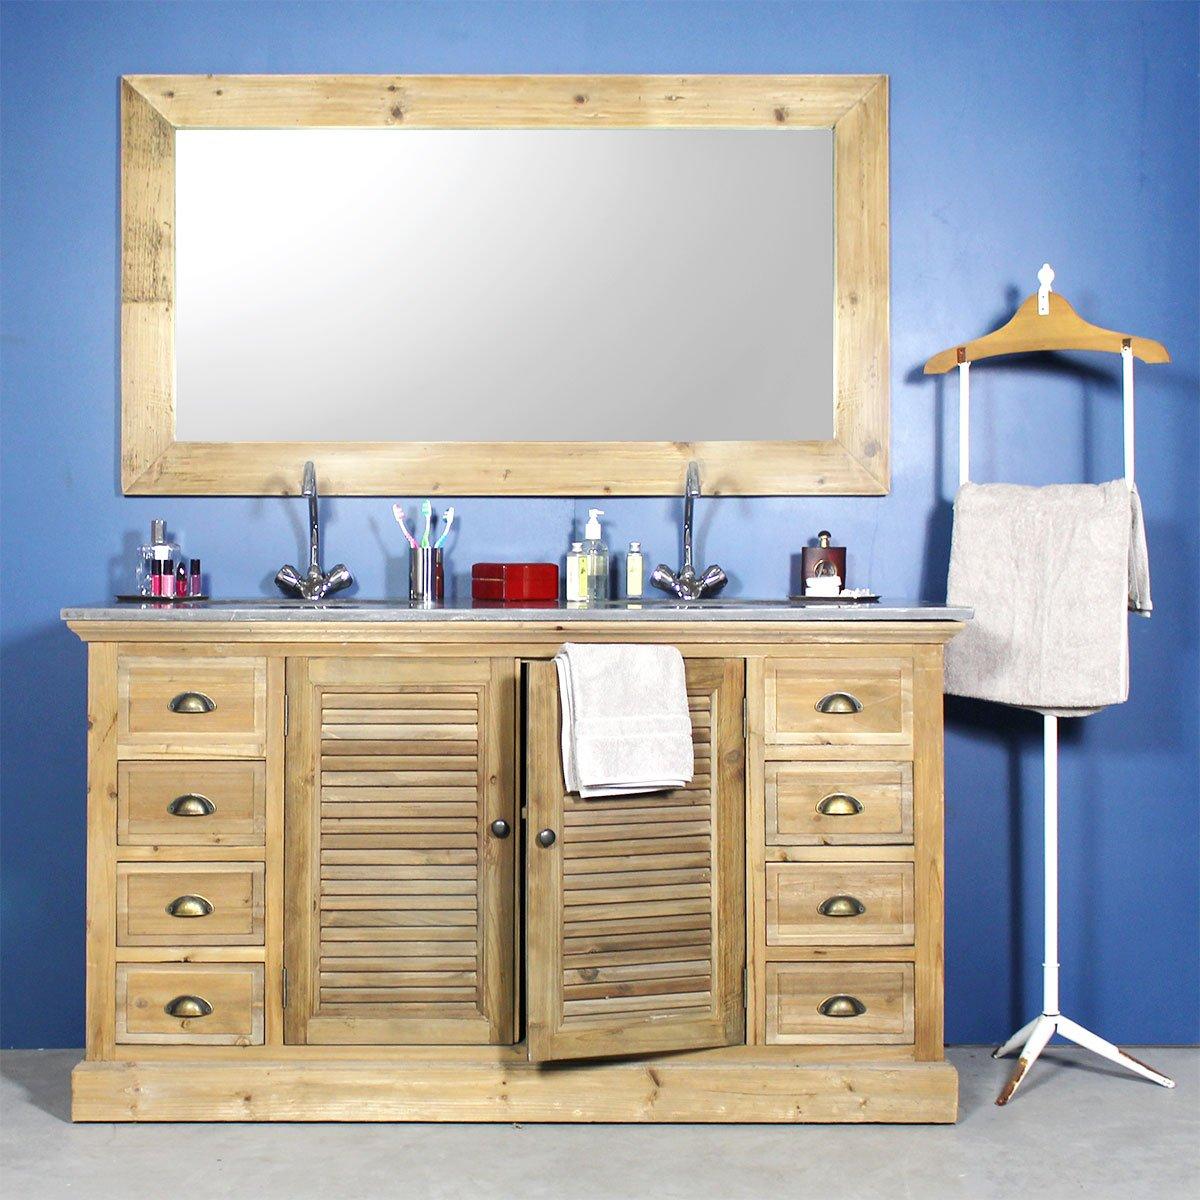 Waschtisch Badezimmer Holz Recyceltem 2 Waschbecken, 2 Türen, Clayettes 8  Schubladen | Kh16 Bois Günstig Online Kaufen